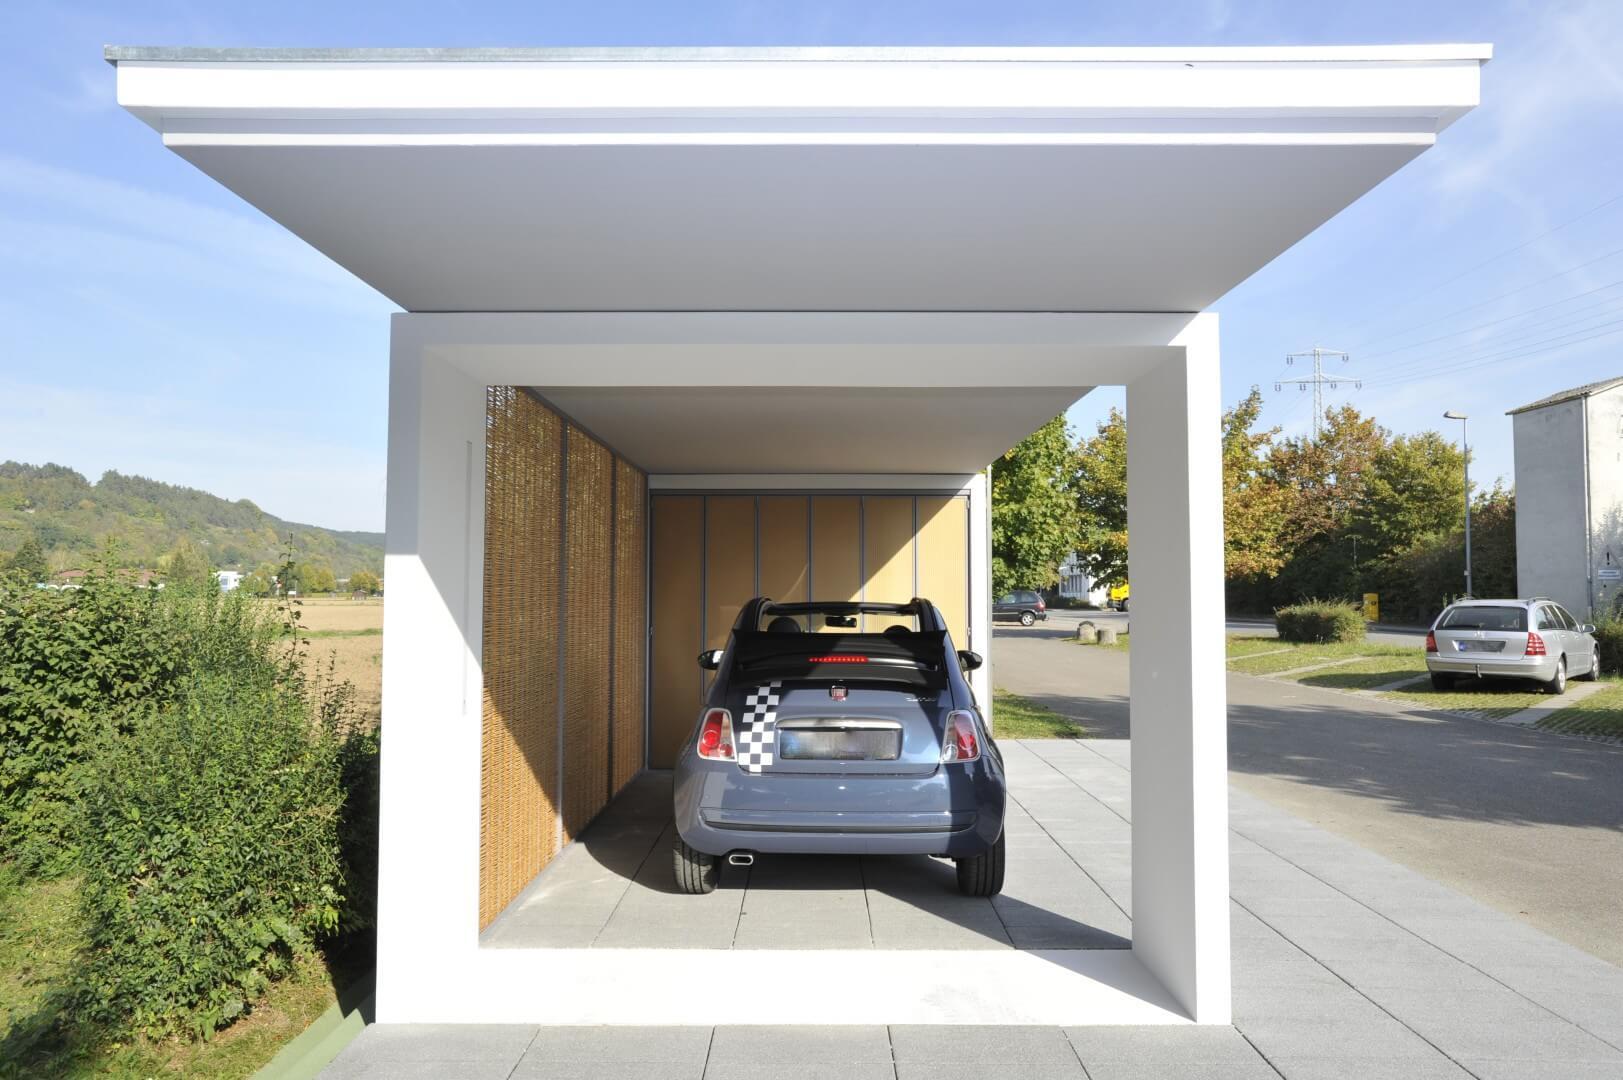 kport garagen programm. Black Bedroom Furniture Sets. Home Design Ideas